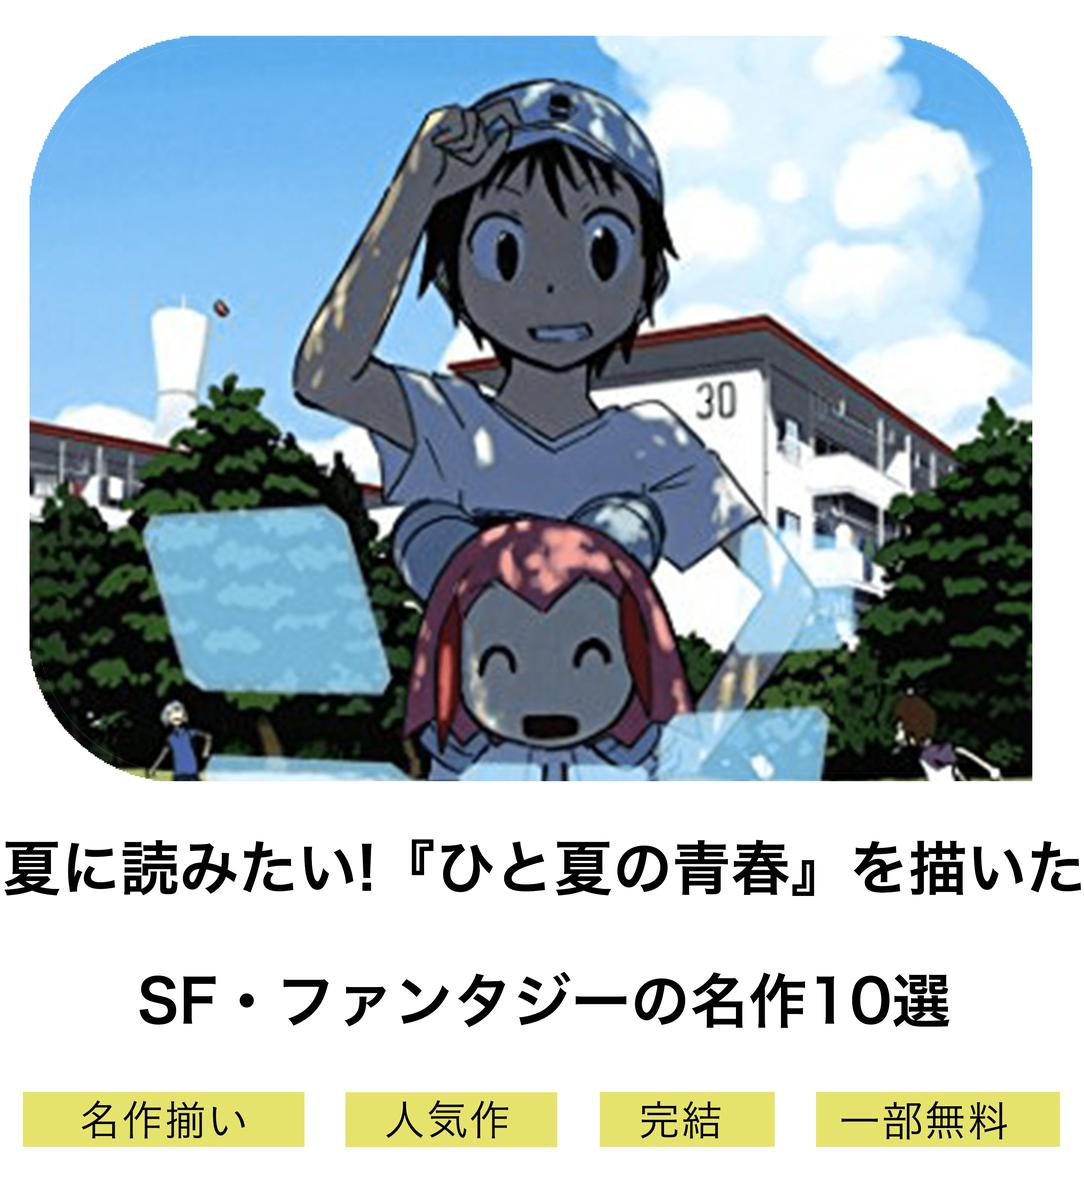 f:id:mimi_shiro:20190525211042p:plain